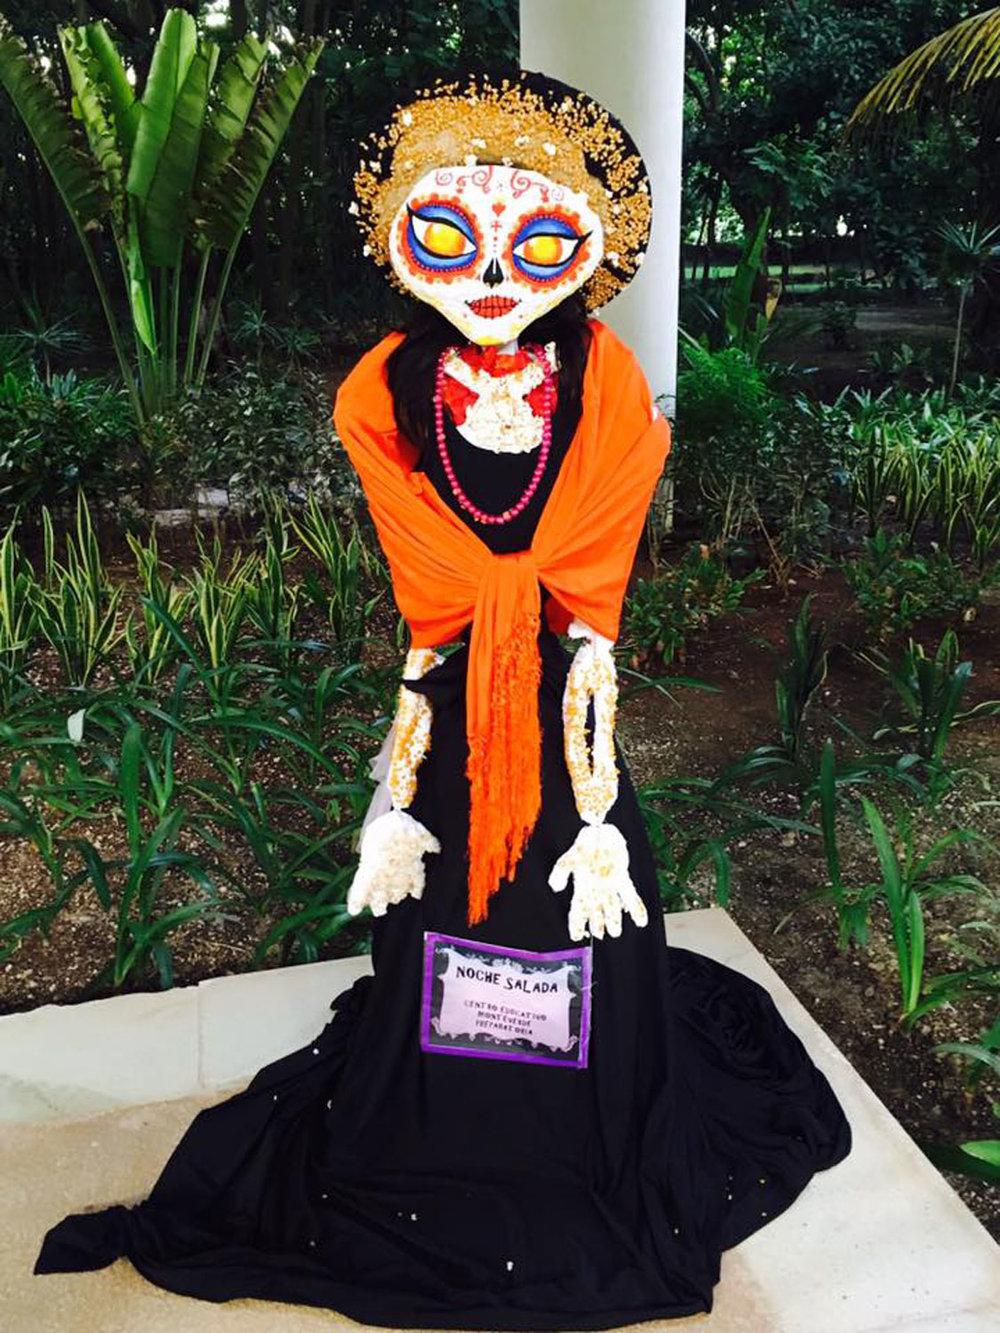 Hammocks_and_Ruins_Blog_Riviera_Maya_Mexico_Travel_Discover_Explore_Yucatan_Pyramid_Muesuems_Cancun_5.jpg